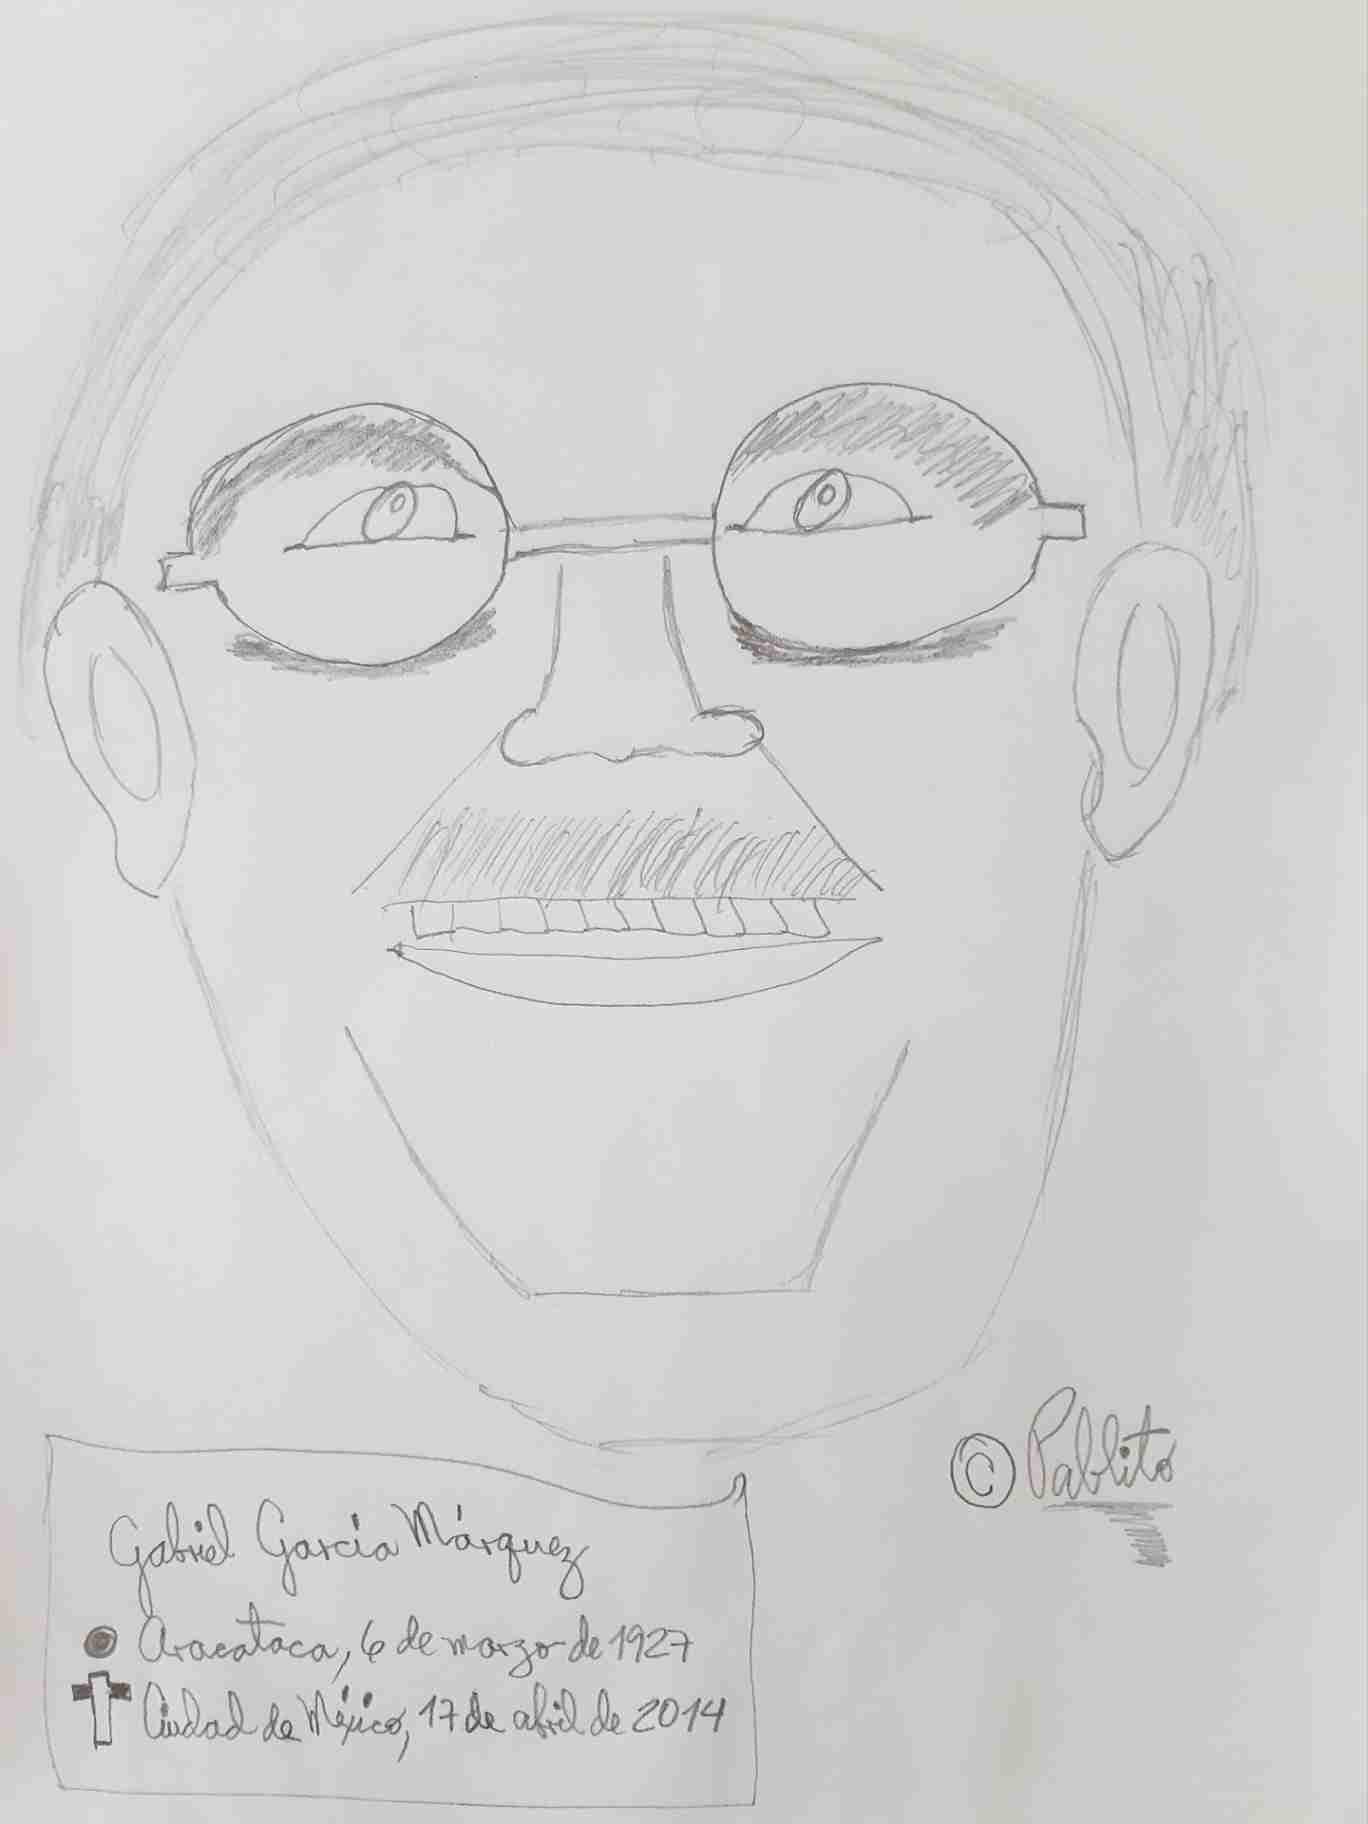 Obra: García Márquez